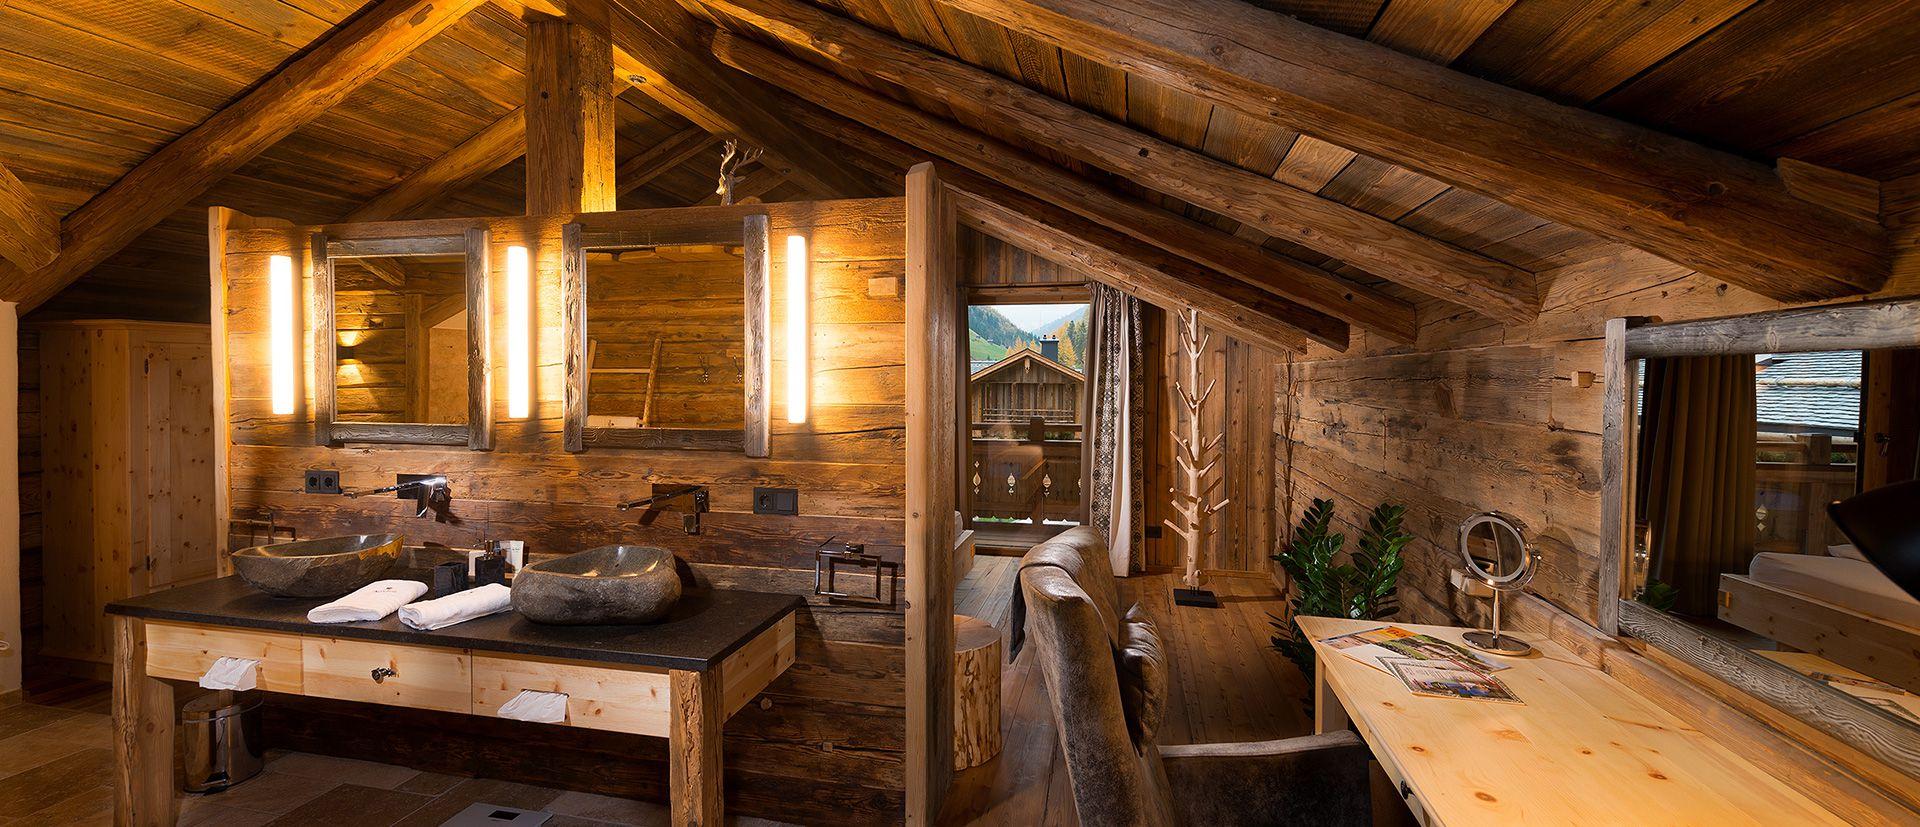 Ein großes Badezimmer wartet in Ihrem Luxus-Chalet